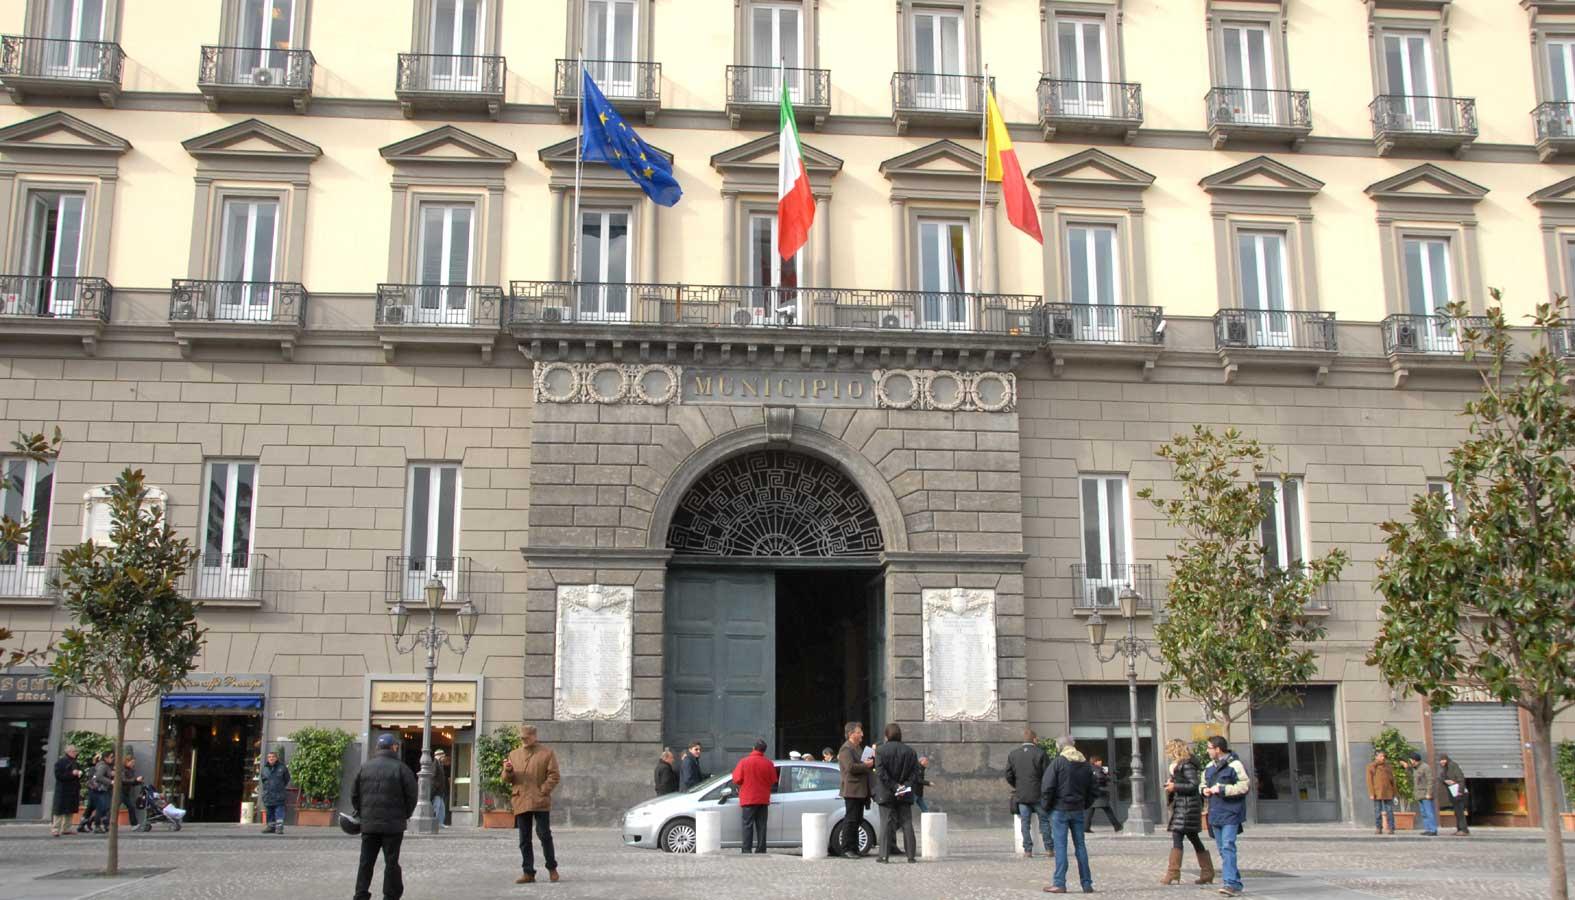 Spese per i dipendenti comunali: ecco quanto si spende a Napoli